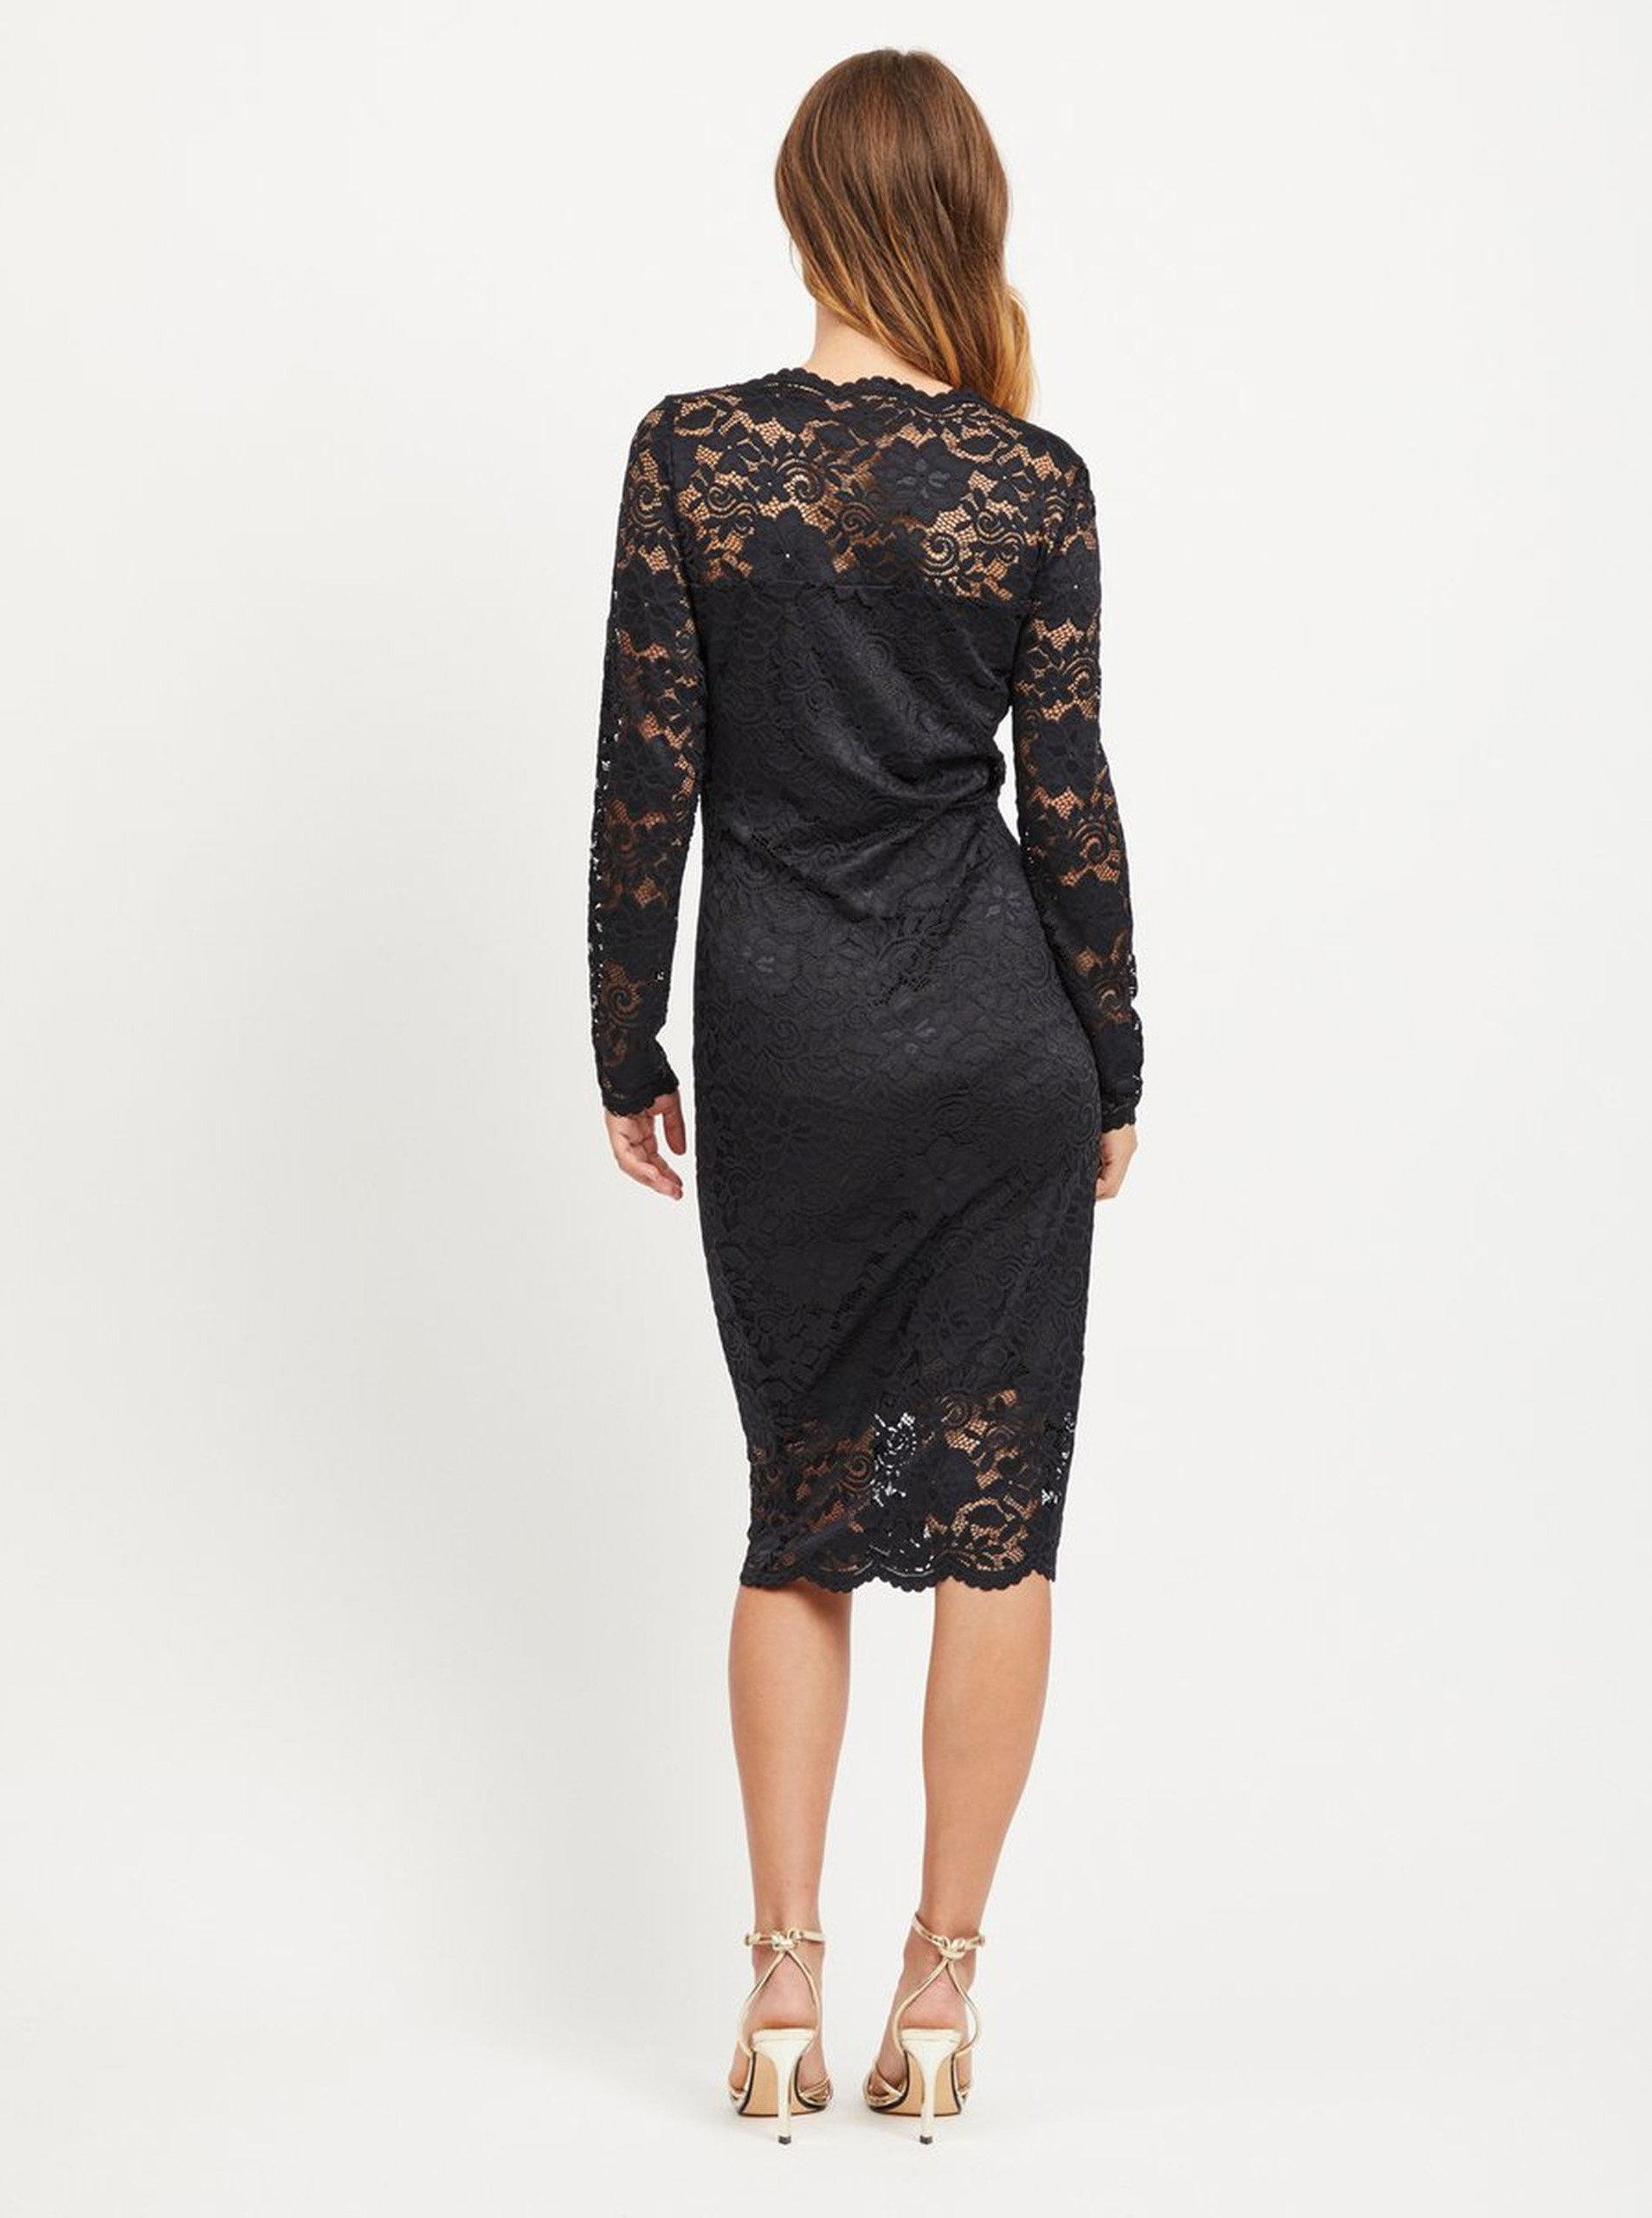 f0c5a4d7c93 Černé pouzdrové krajkové šaty s dlouhým rukávem VILA Grit ...